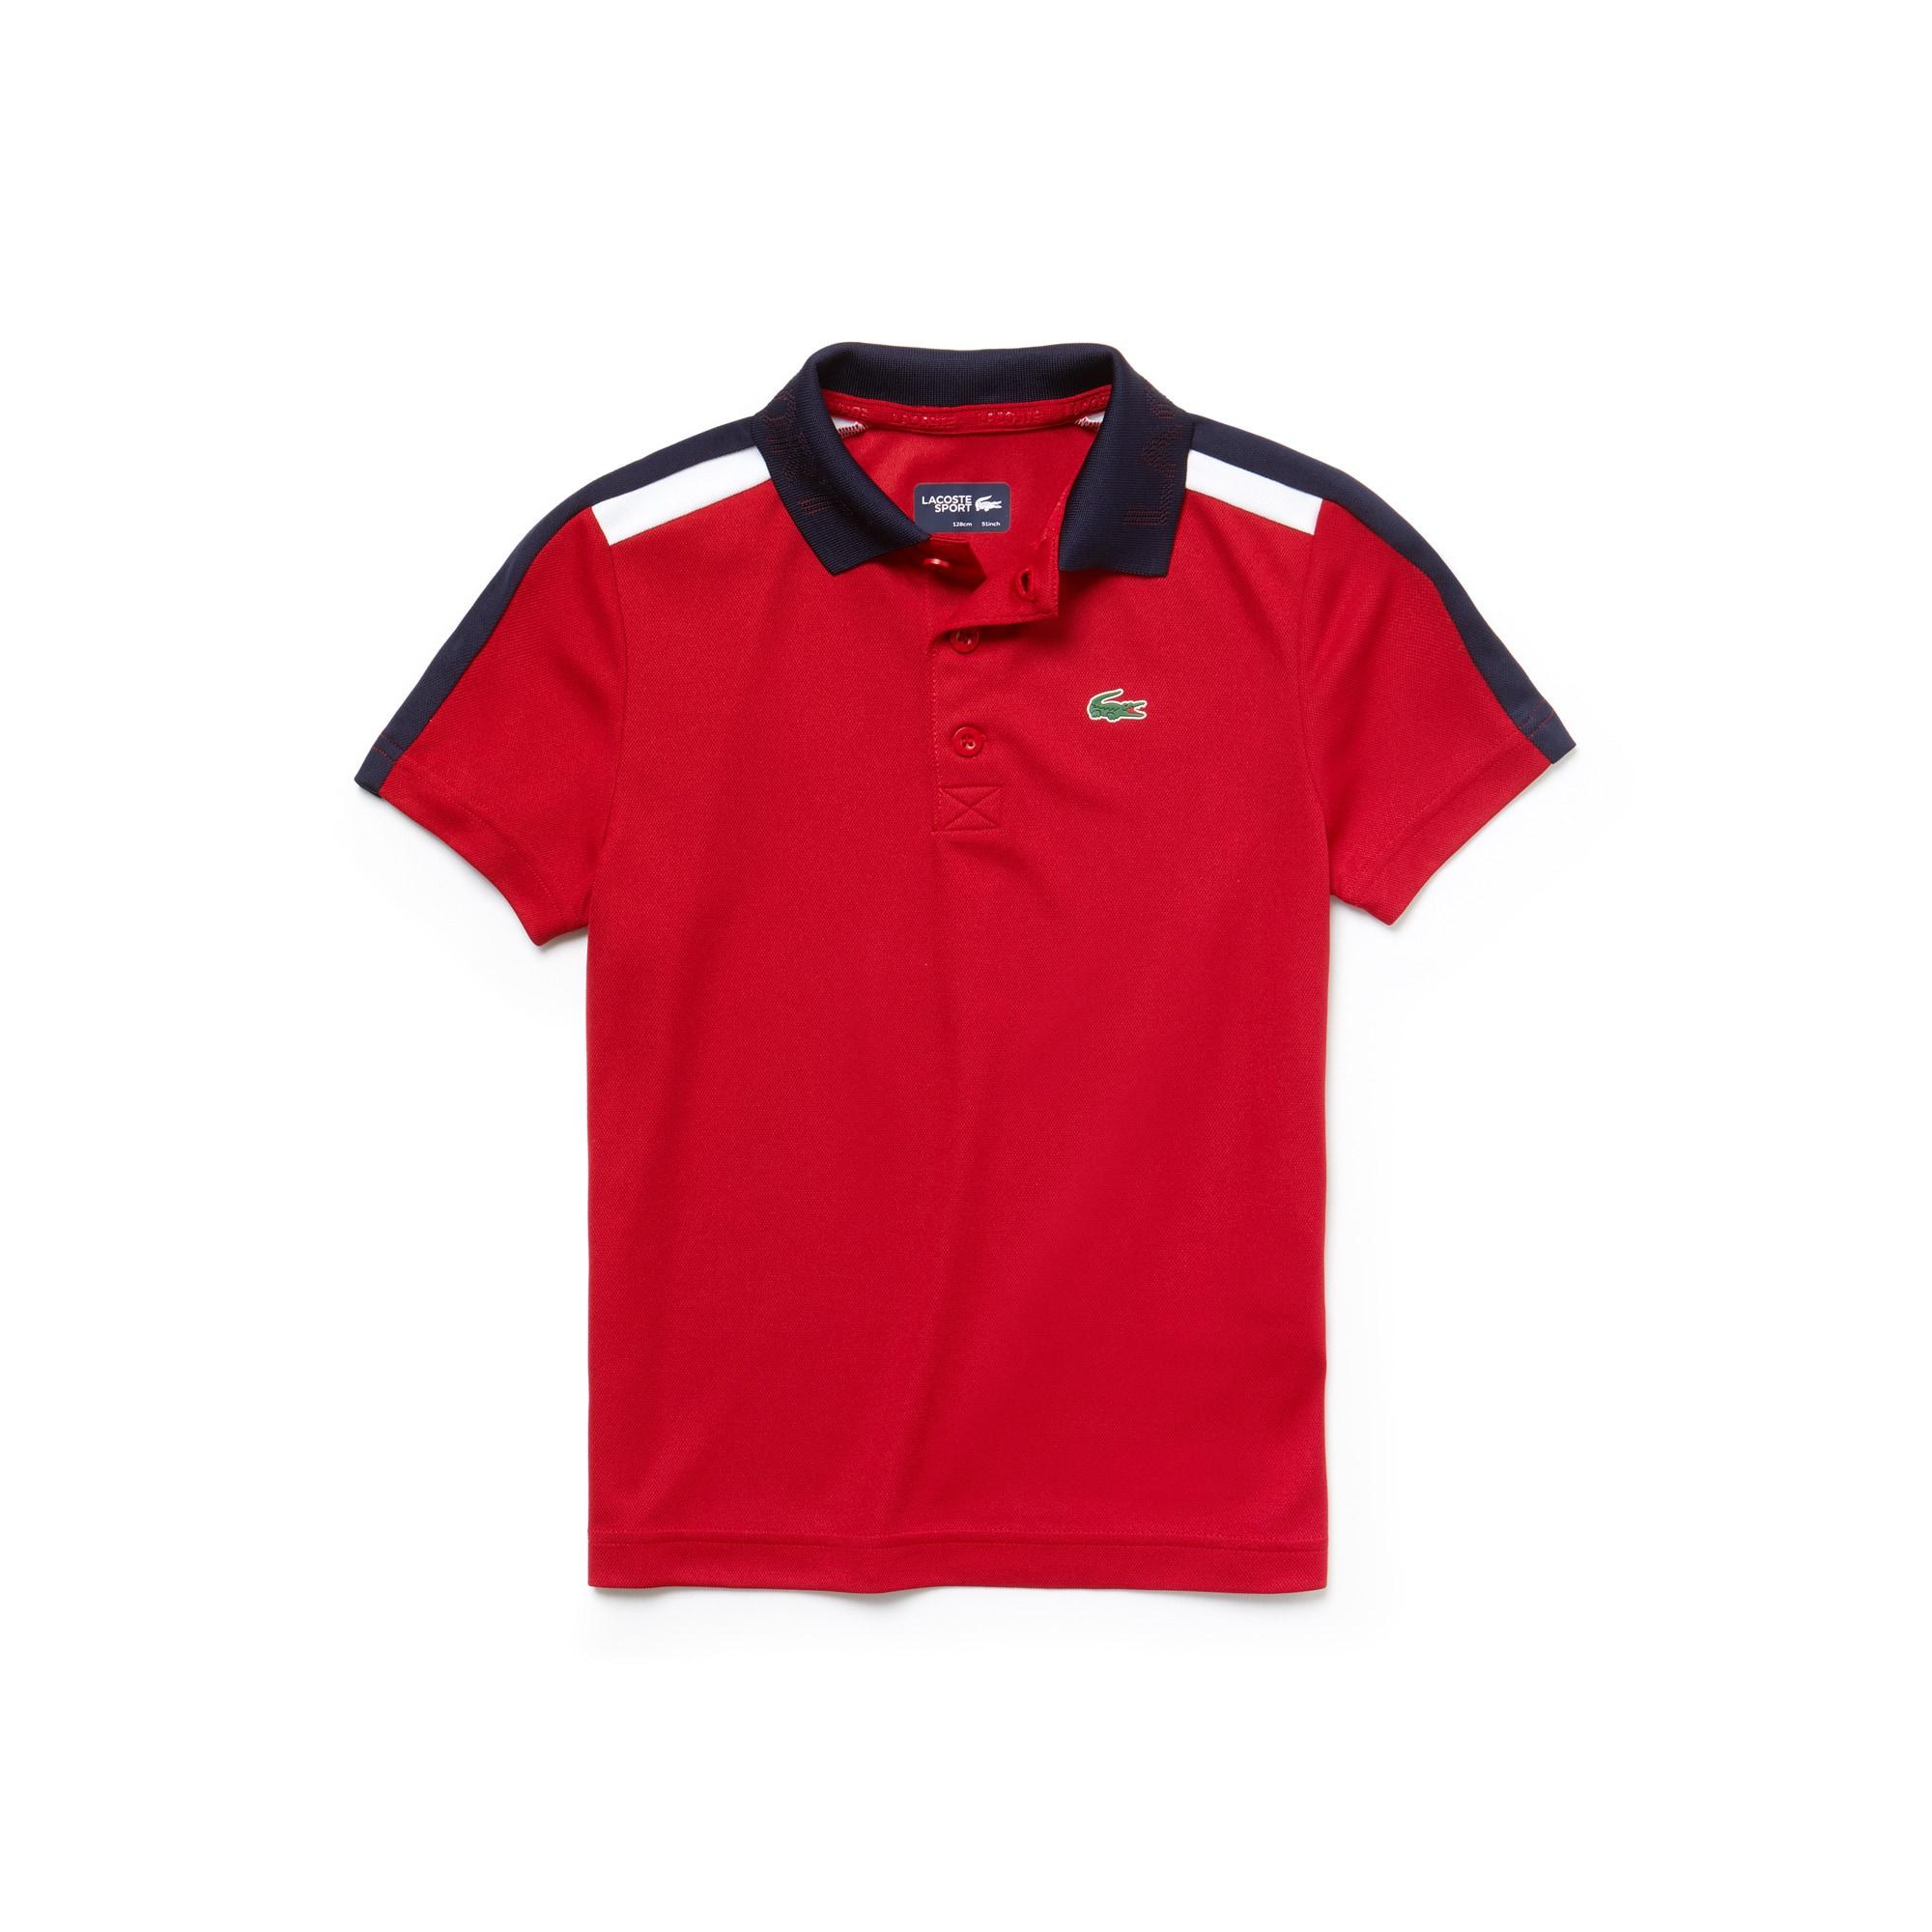 Jungen LACOSTE SPORT Tennis-Poloshirt aus Funktionspiqué mit Kontraststreifen